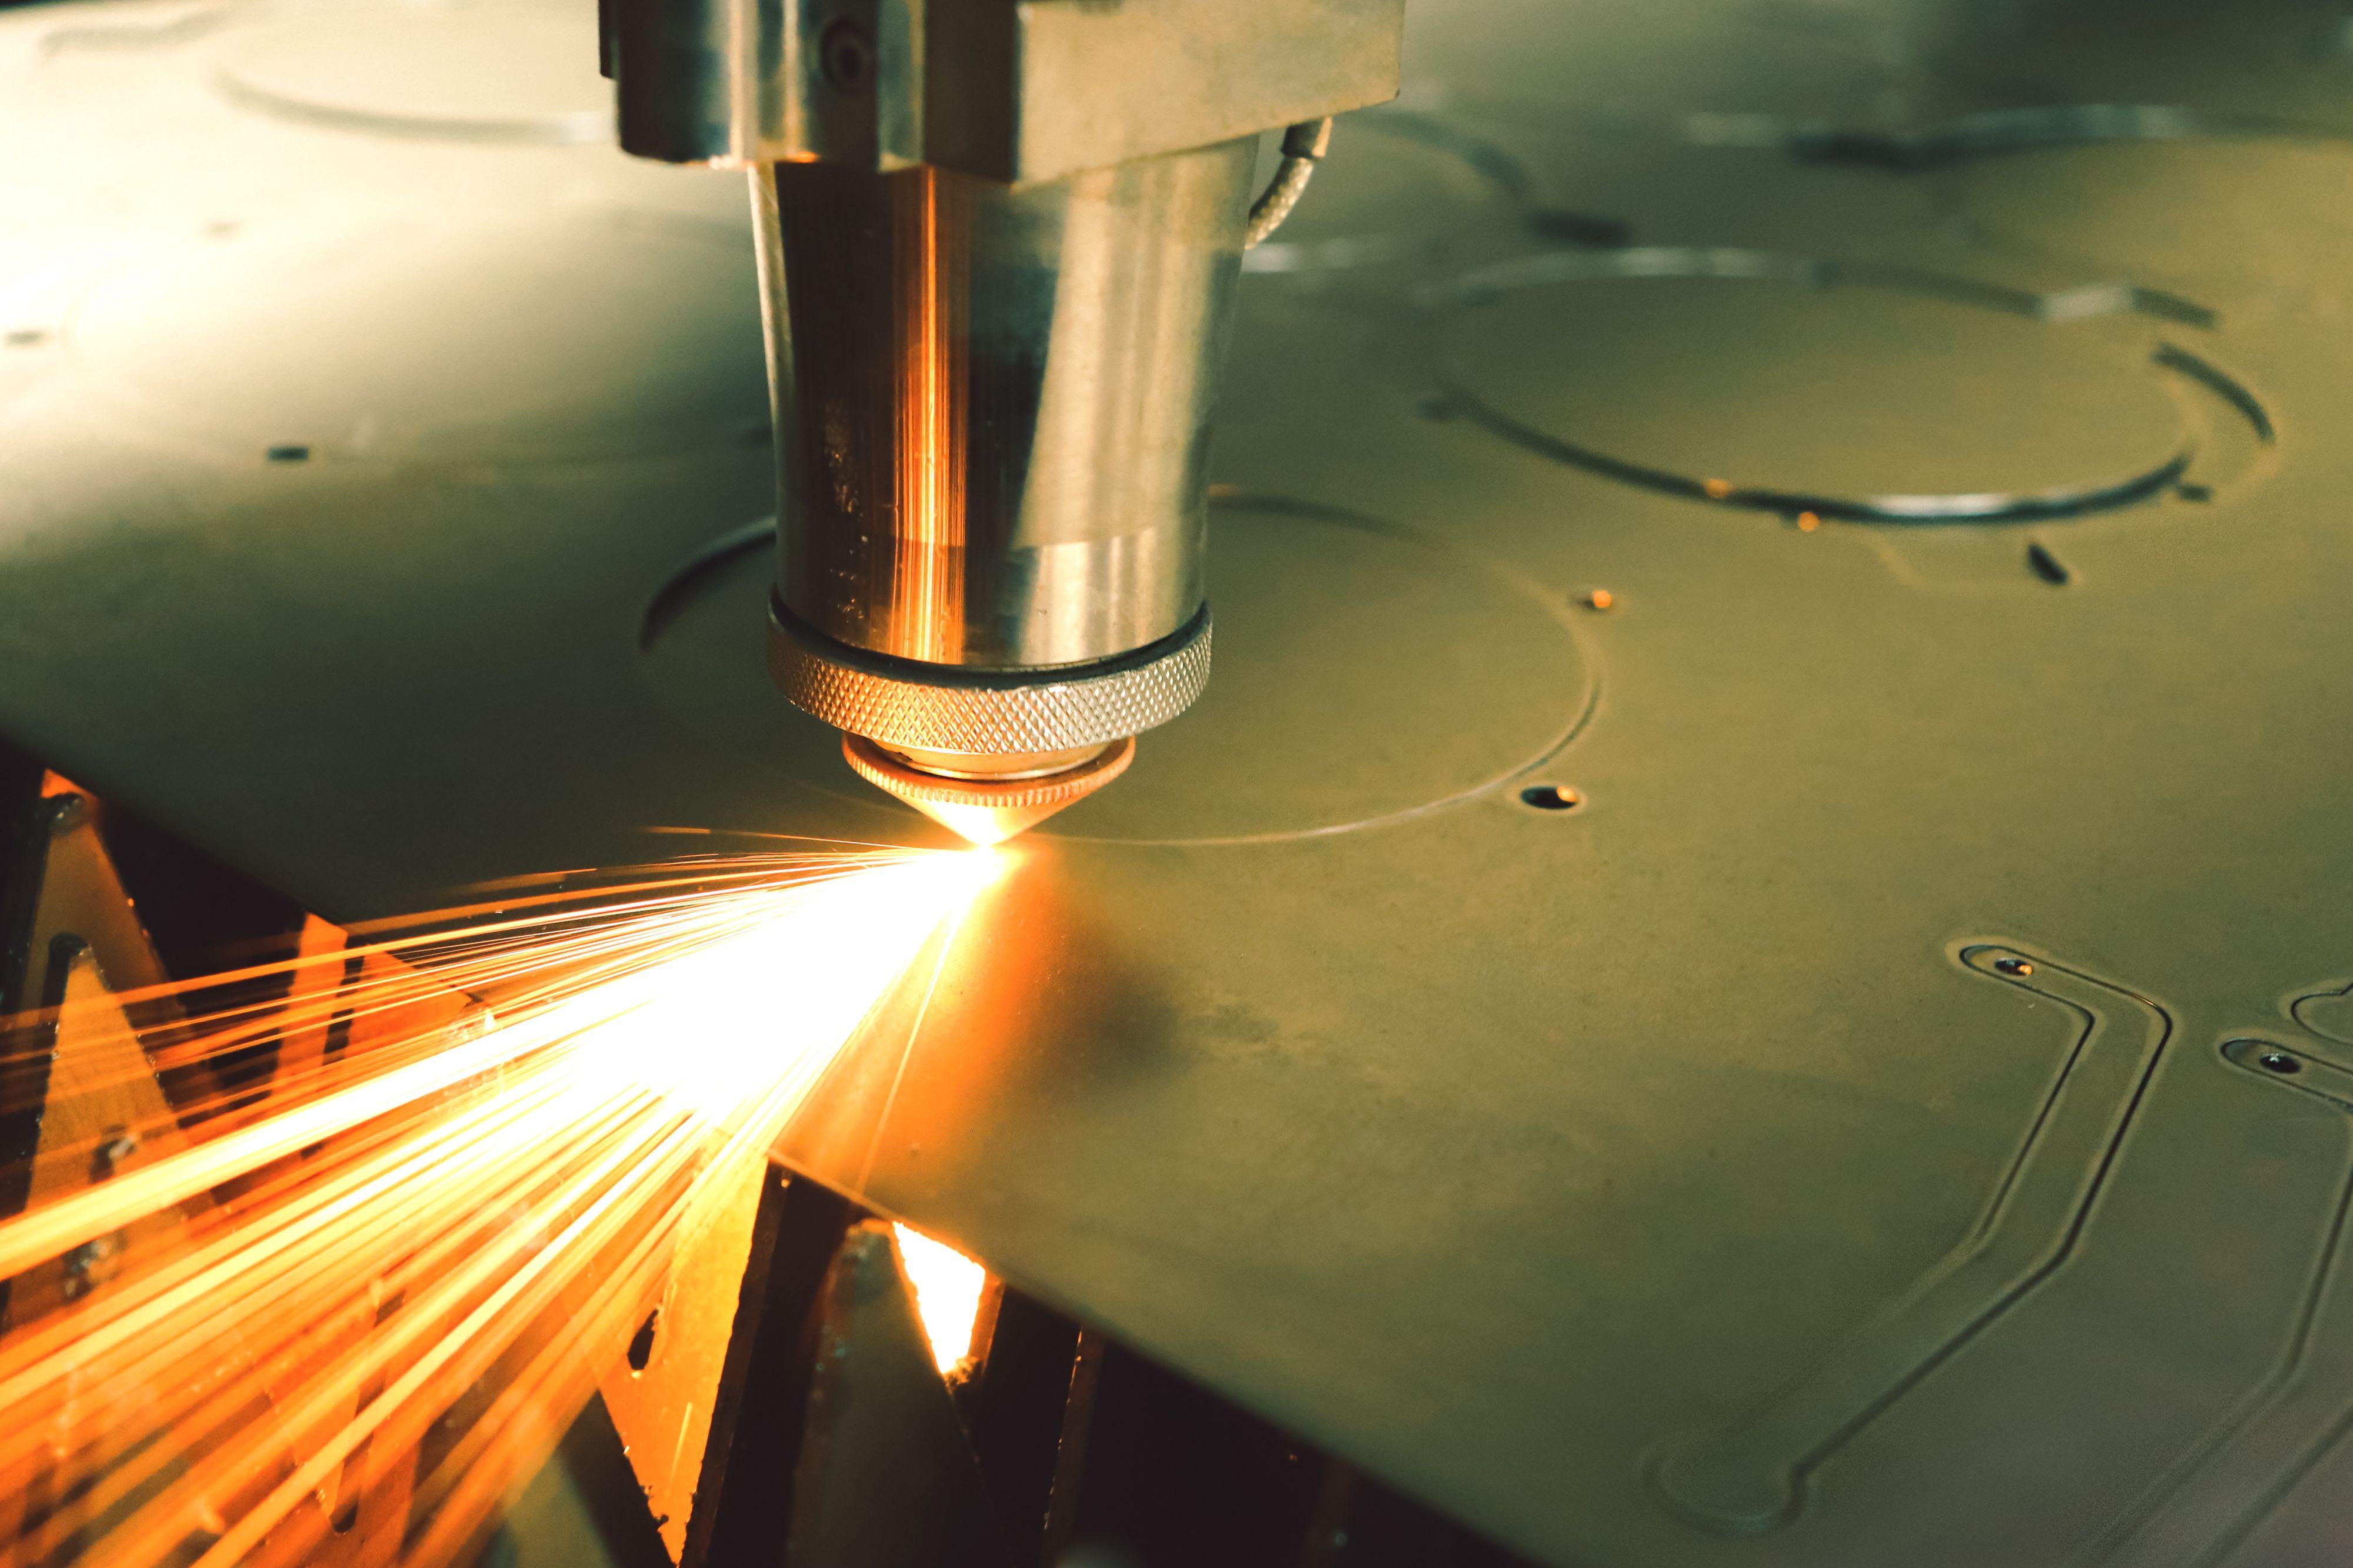 laser-machine-4250794.jpg